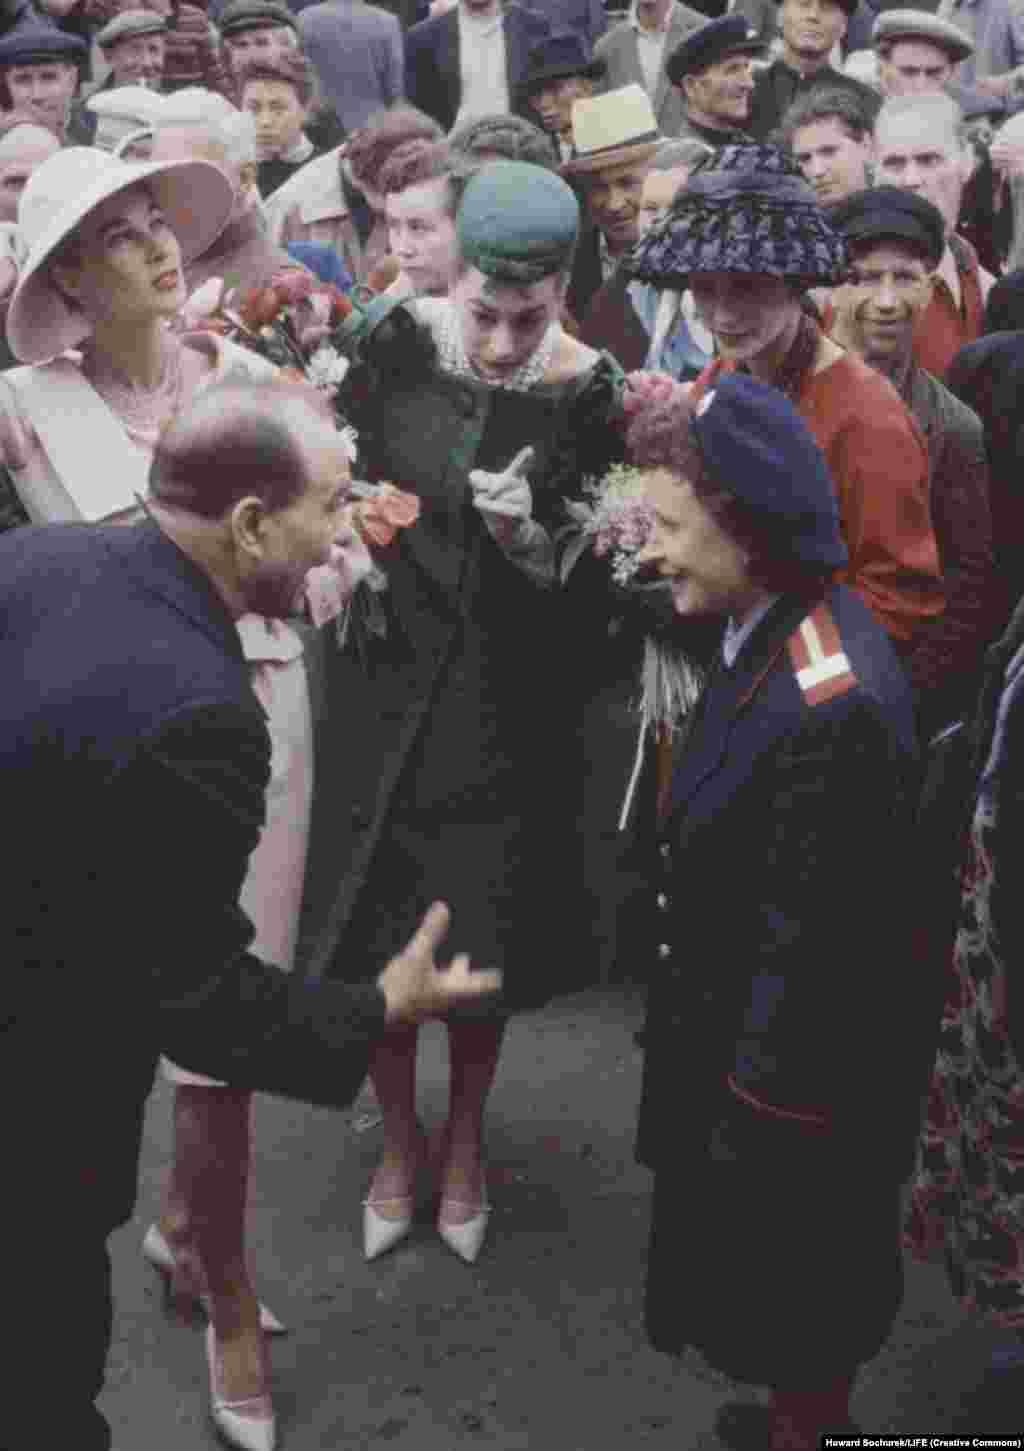 """Элегантные посетительницы СССР пытаются понять разговор на улице. В 1964 году Хрущев заявил, что рабочие должны иметь одежду и обувь современного стиля, соответствующие сезону и моде. """"Это хорошо"""", – написал Хрущев в докладе """"О мерах по реализации программы Коммунистической партии в сфере повышения благосостояния людей""""."""